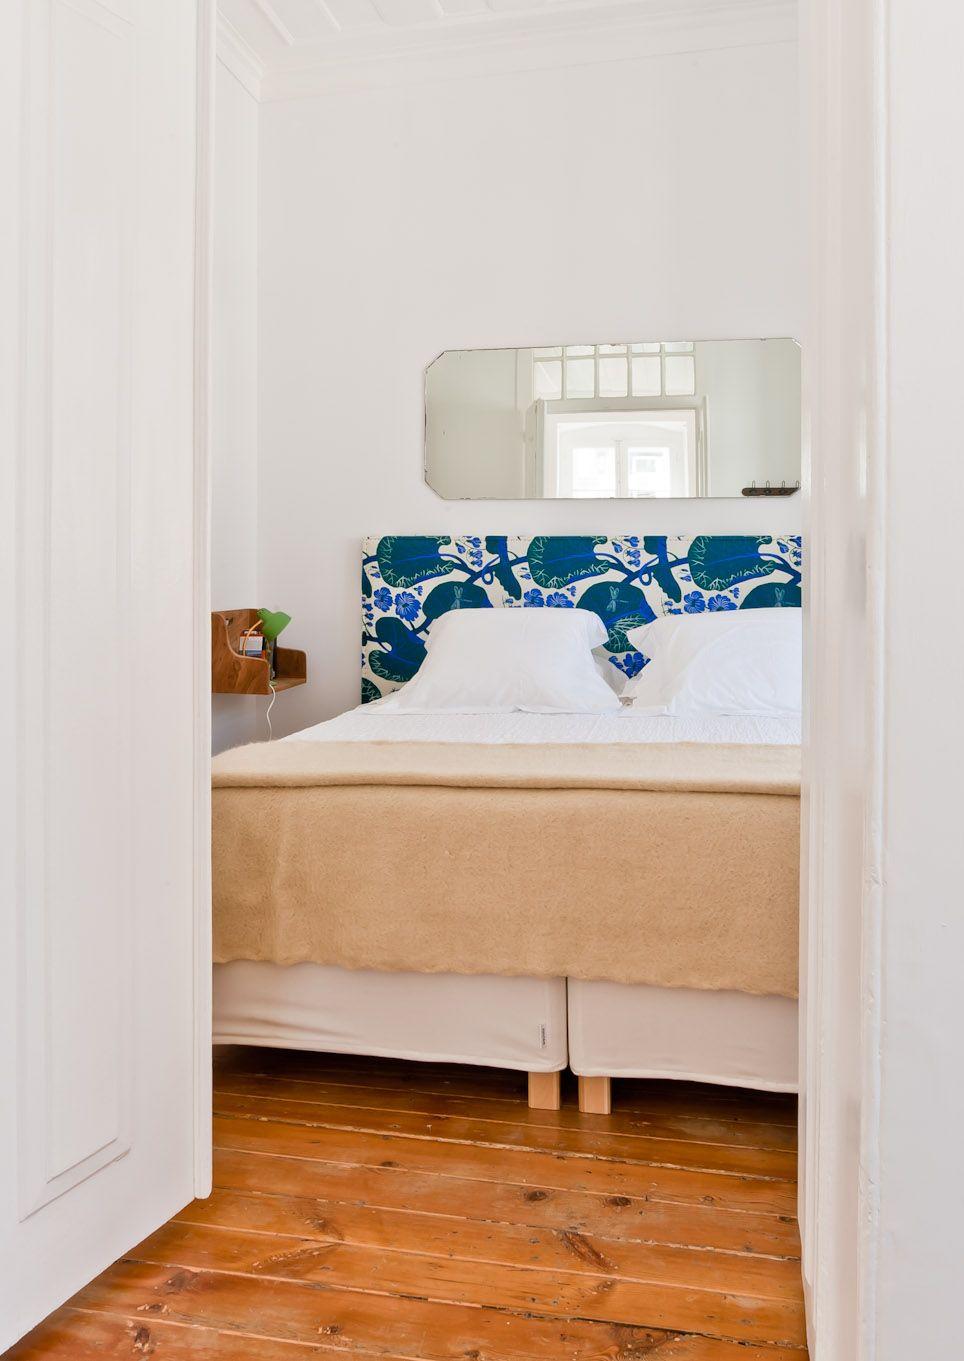 Tela con espuma para tapizar fabulous tapizar techo coche - Grapadora para tapizar muebles ...